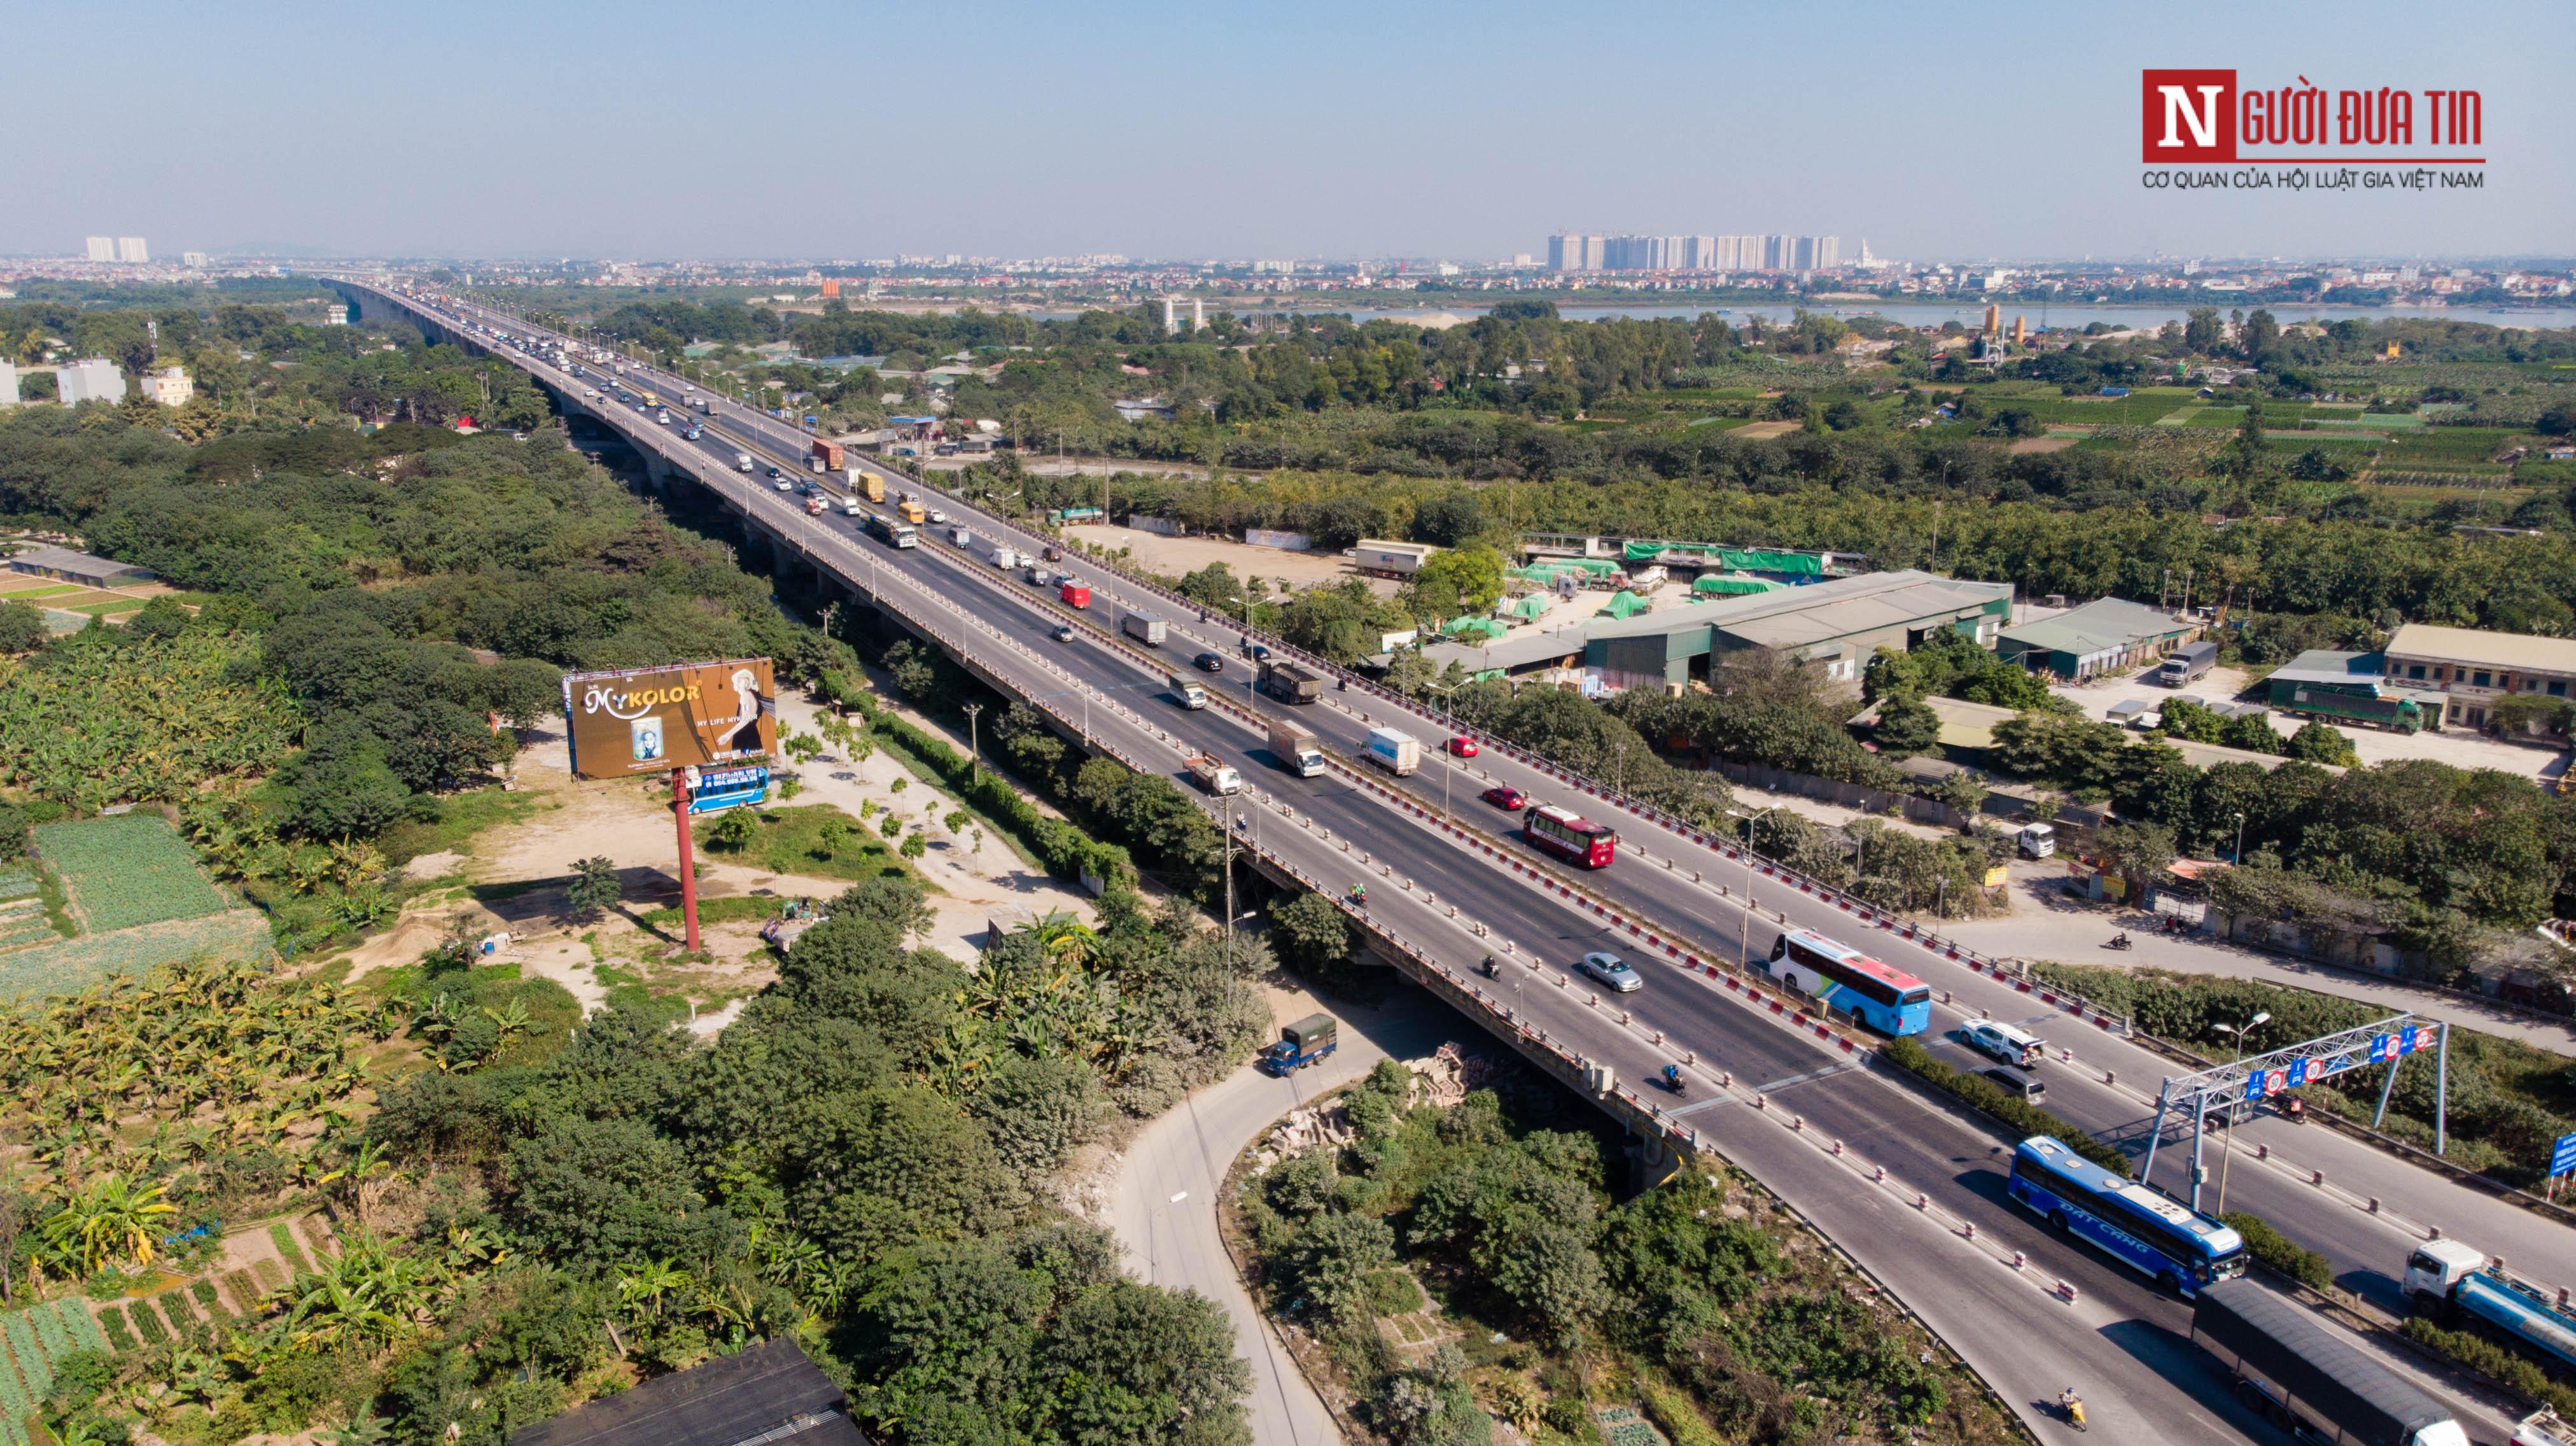 Tin nhanh - Chiêm ngưỡng 6 cây cầu bắc qua sông Hồng nối trung tâm Hà Nội (Hình 7).